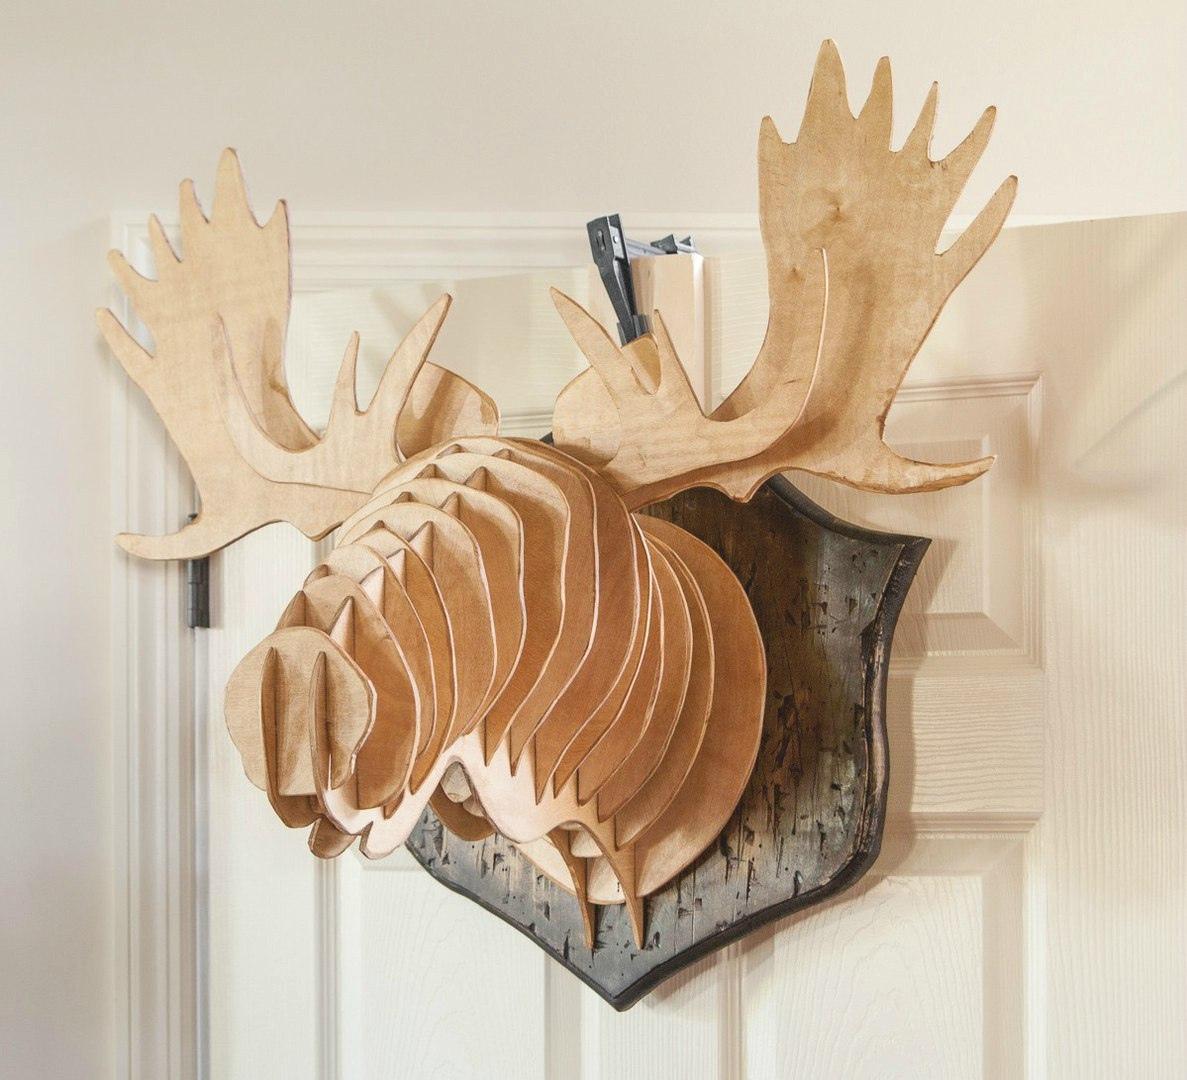 Laser Cut Elk Wall Head Decor Deer Head On Wall Free Vector